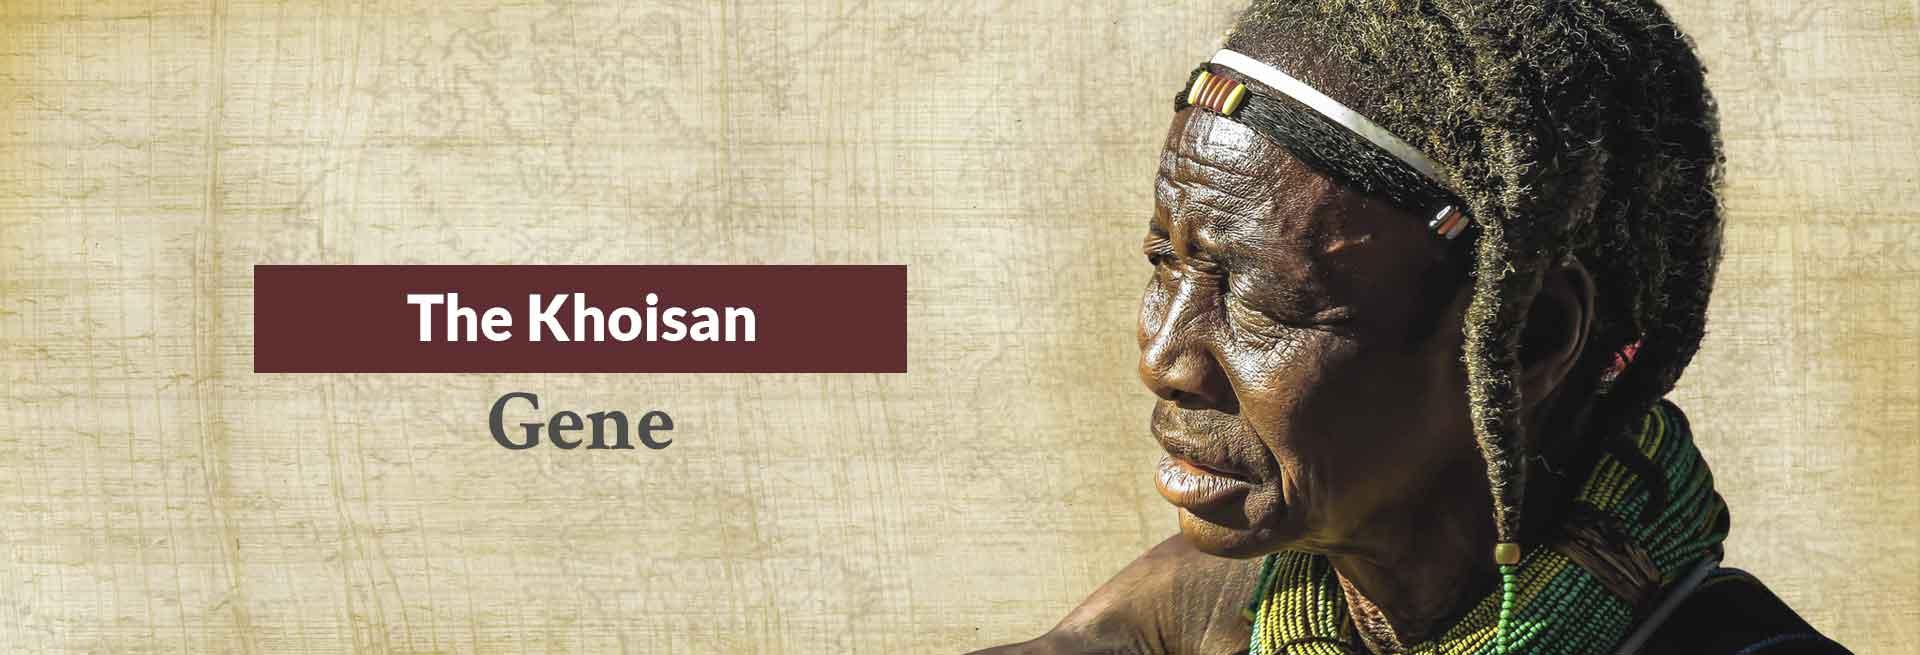 The Khoisan Gene Banner